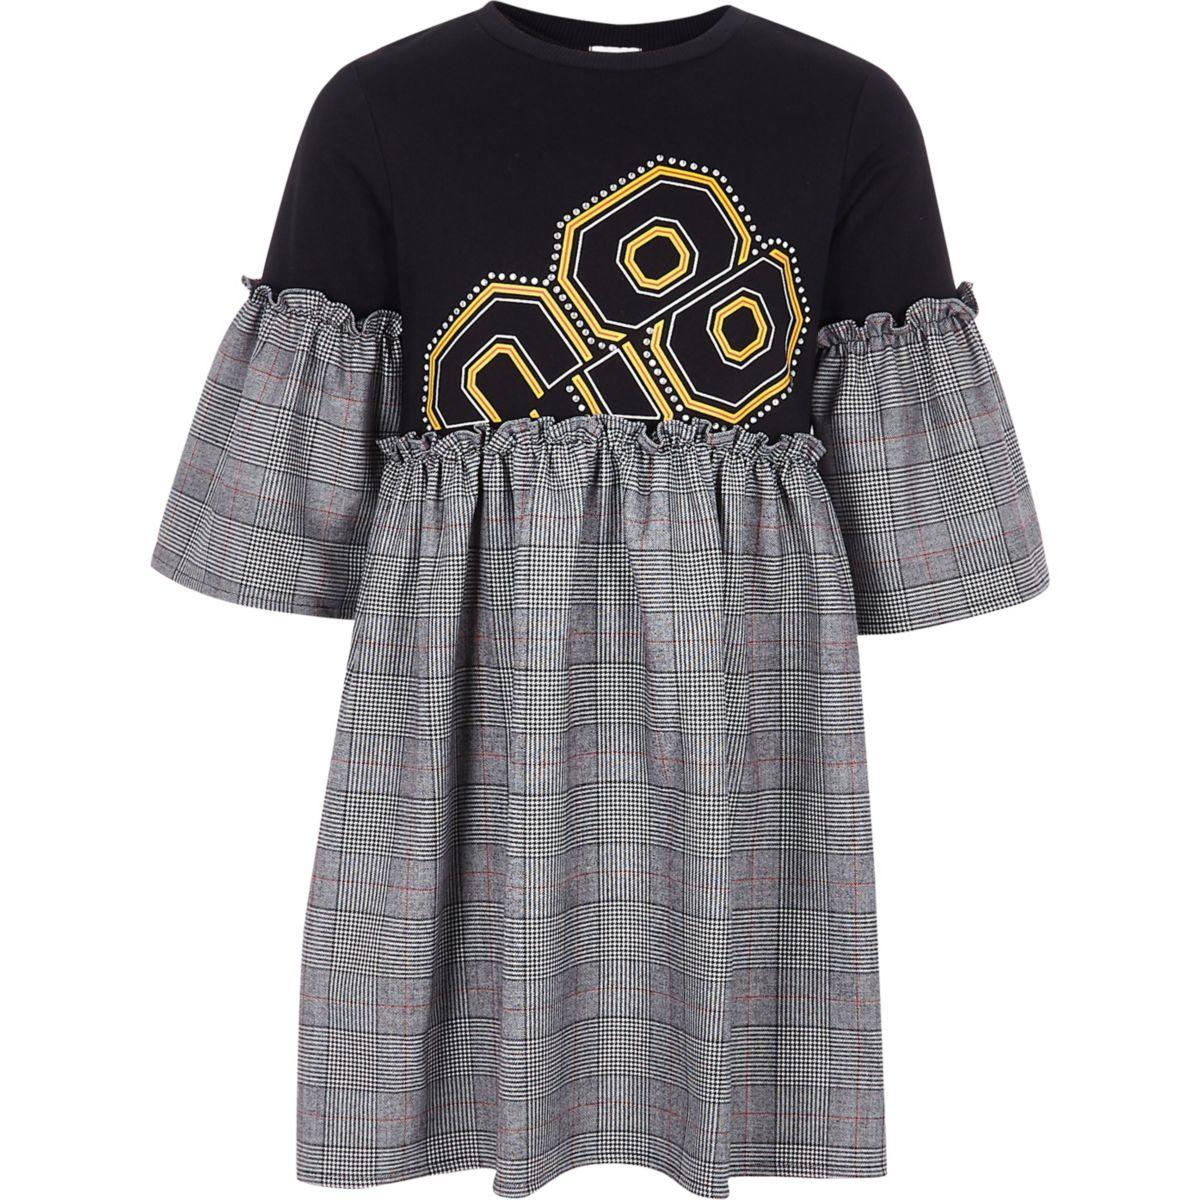 Girls black check embellished T-shirt dress